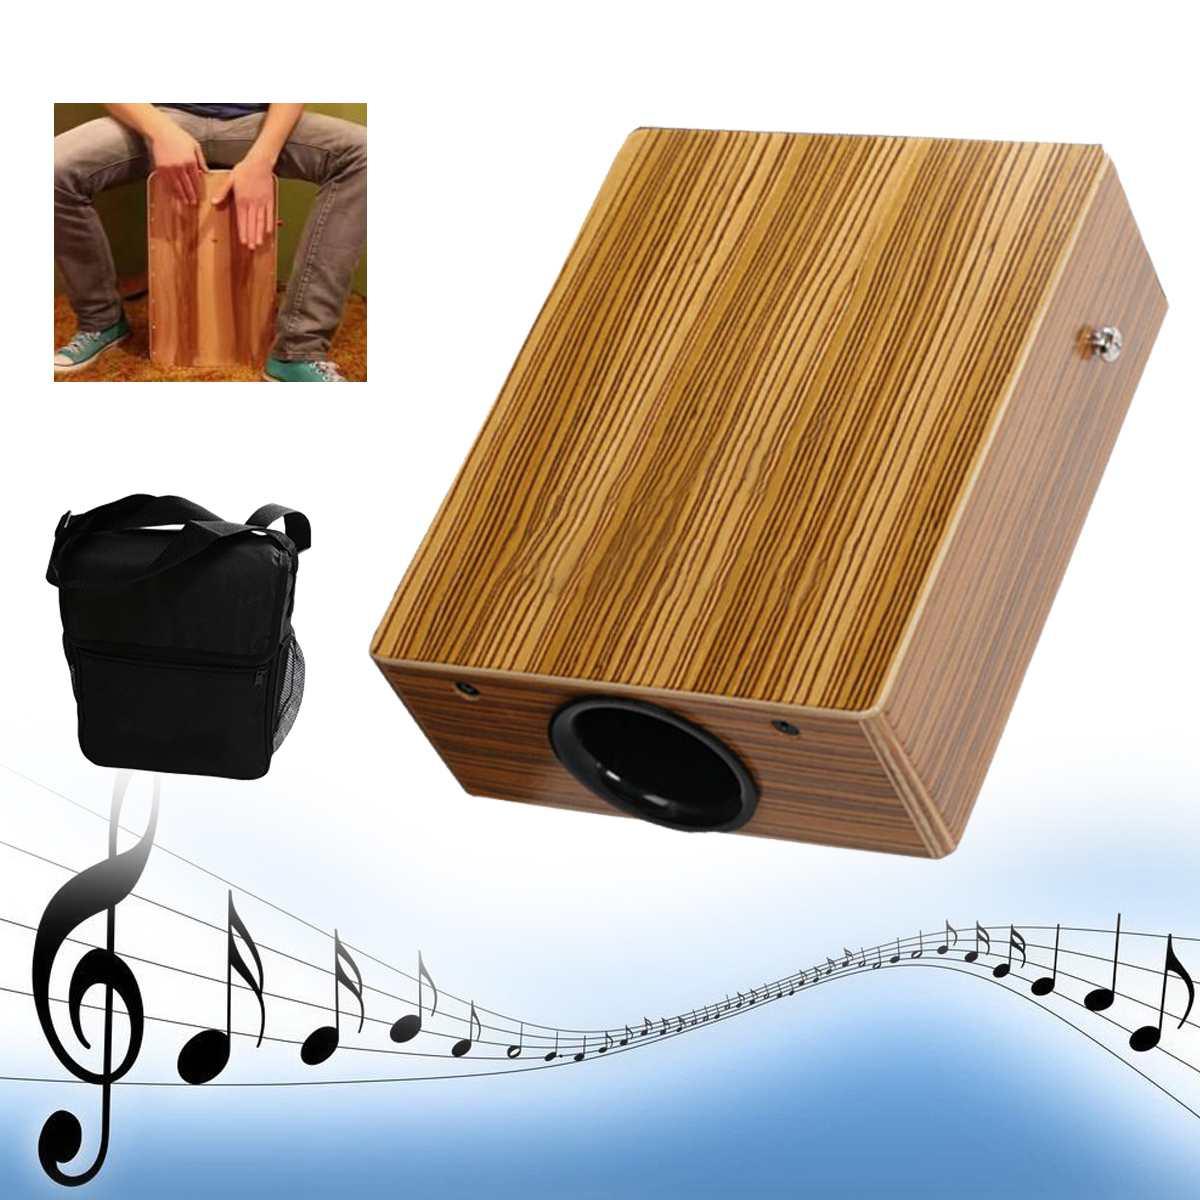 Voyage Cajon tambour boxe Percussion boîte tambour à main avec bretelles sac adultes fête musique percussions Instruments divertissement